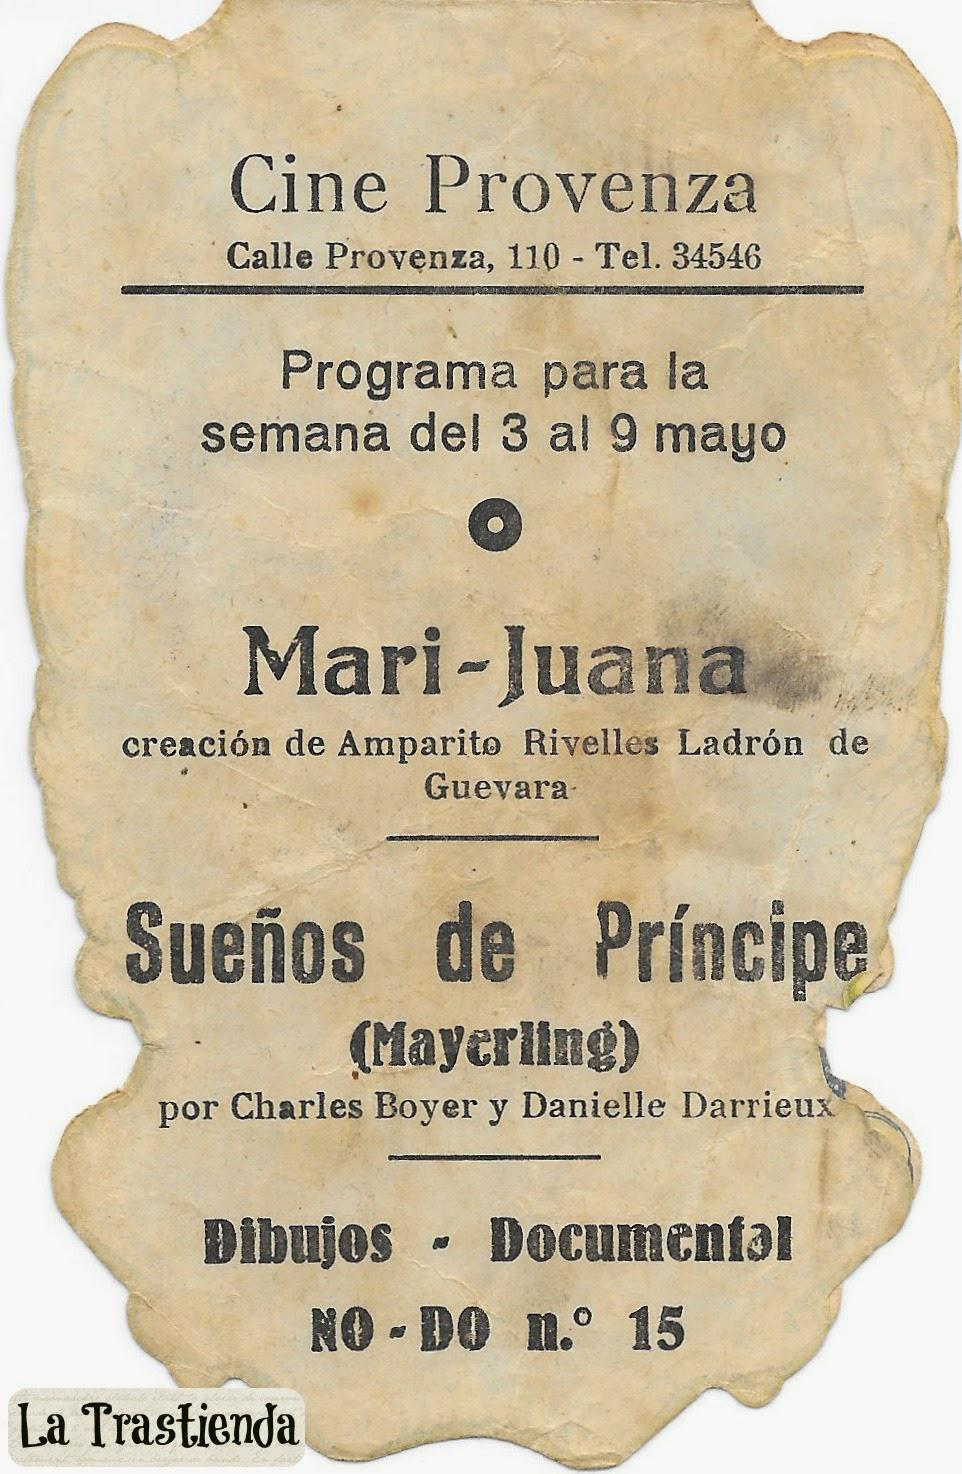 Programa de Cine - Sueños de Príncipe - Charles Boyer - Danielle Darrieux